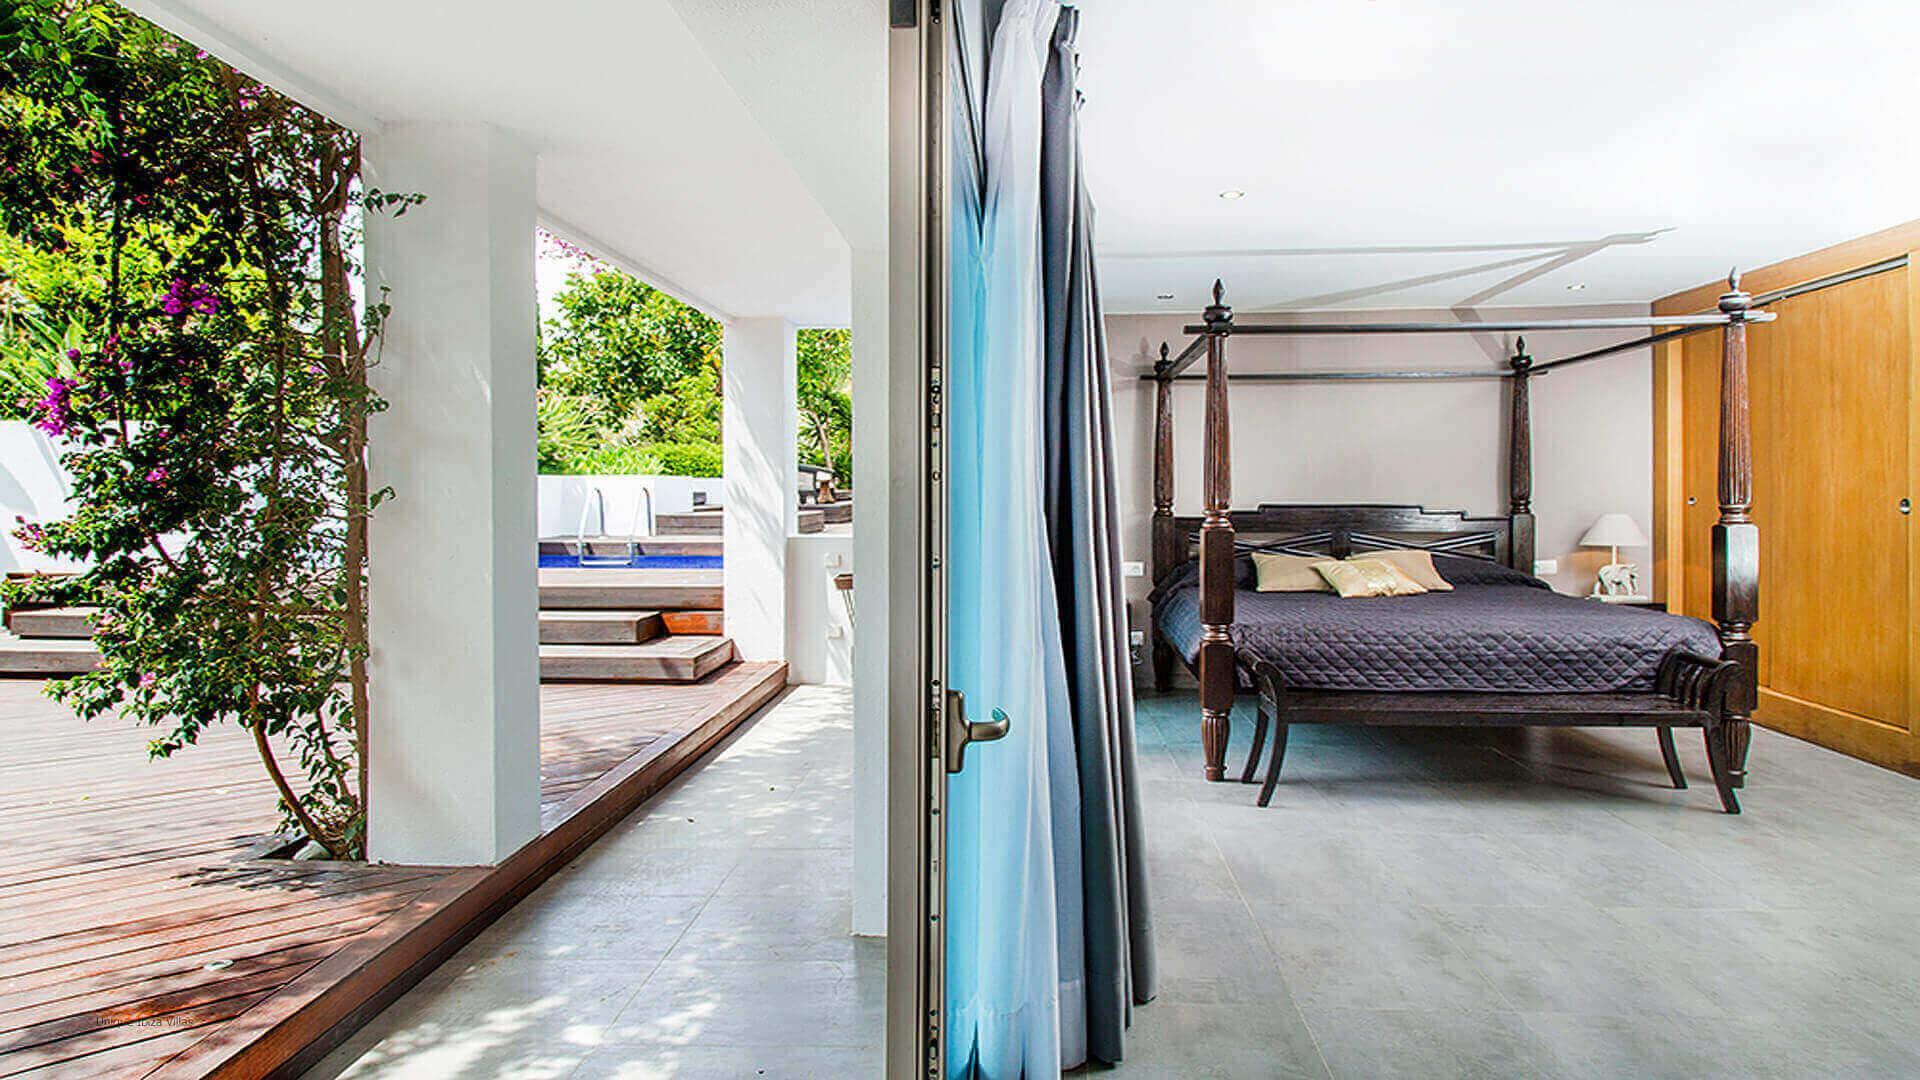 Casa India Ibiza 19 Bedroom 2